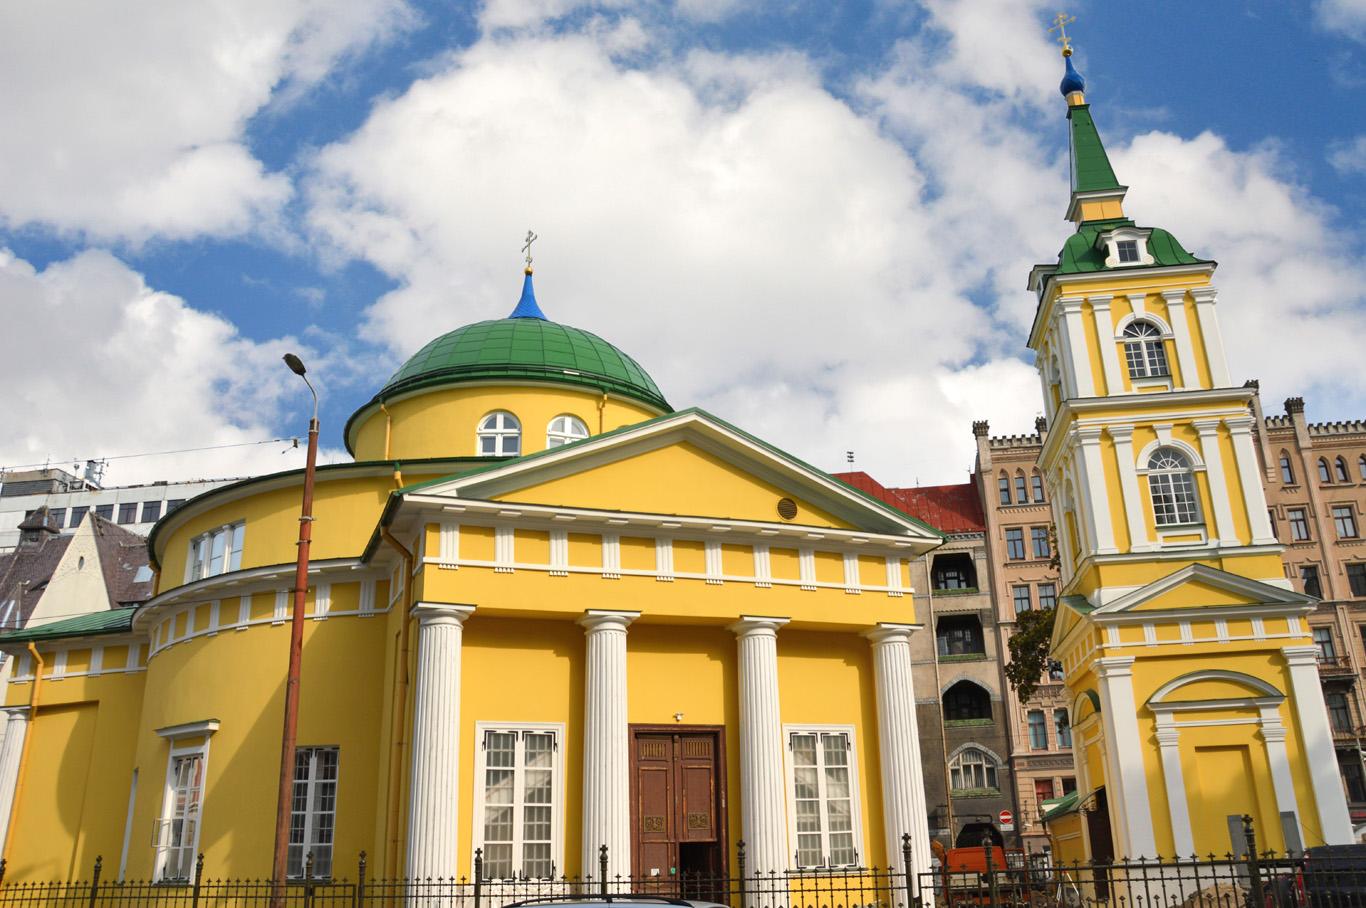 St. Aleksander Nevsky Church